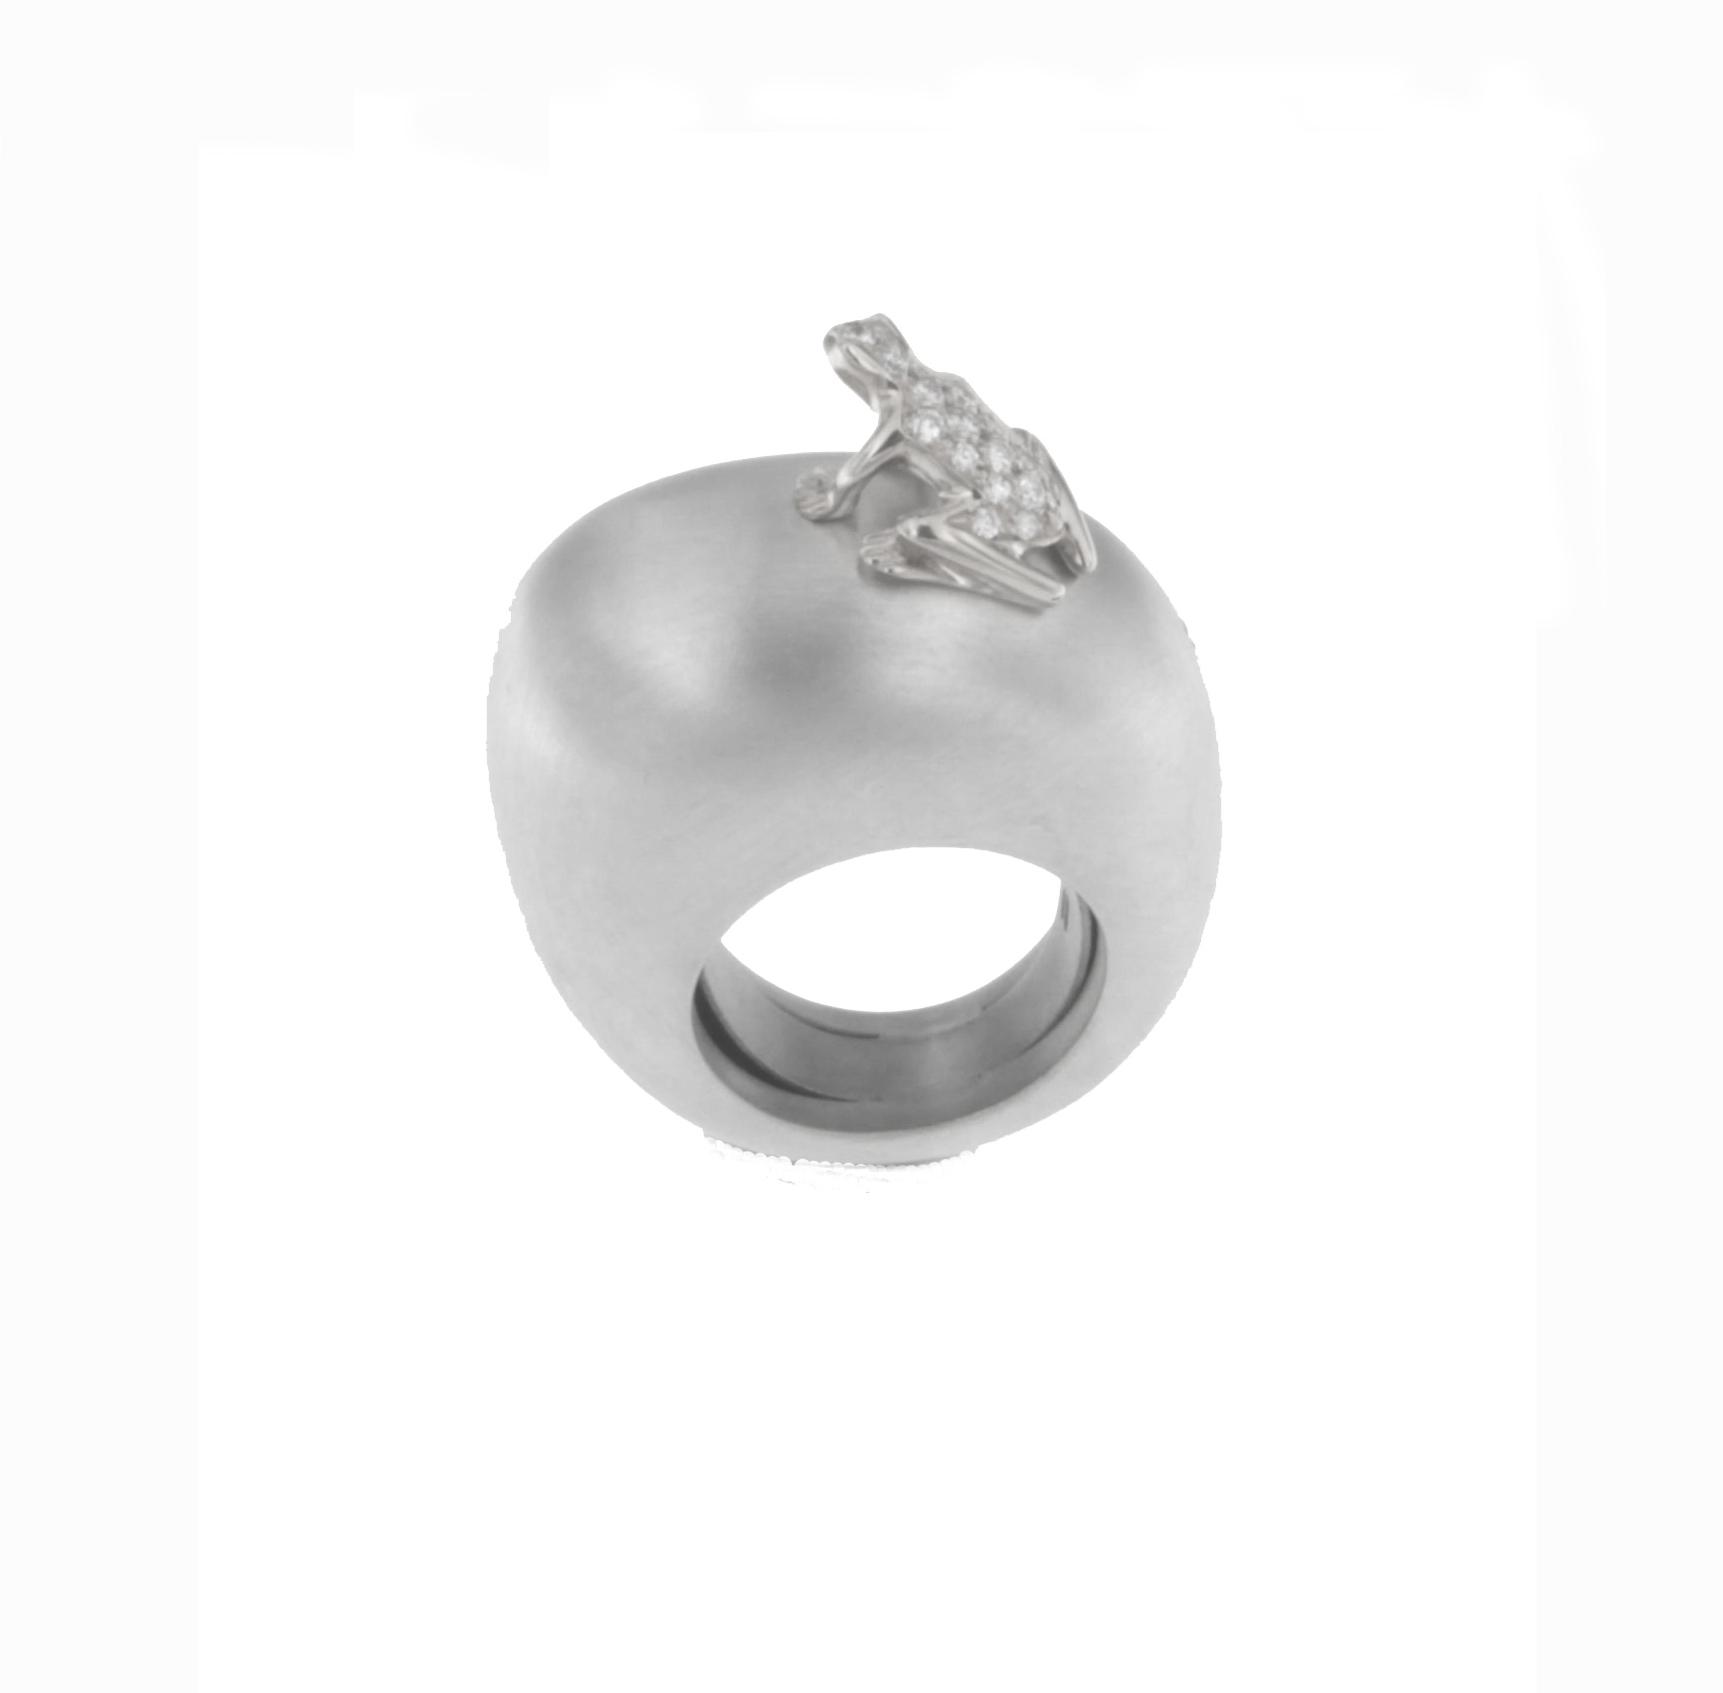 Anello base grande argento, oro bianco 18k e diamanti